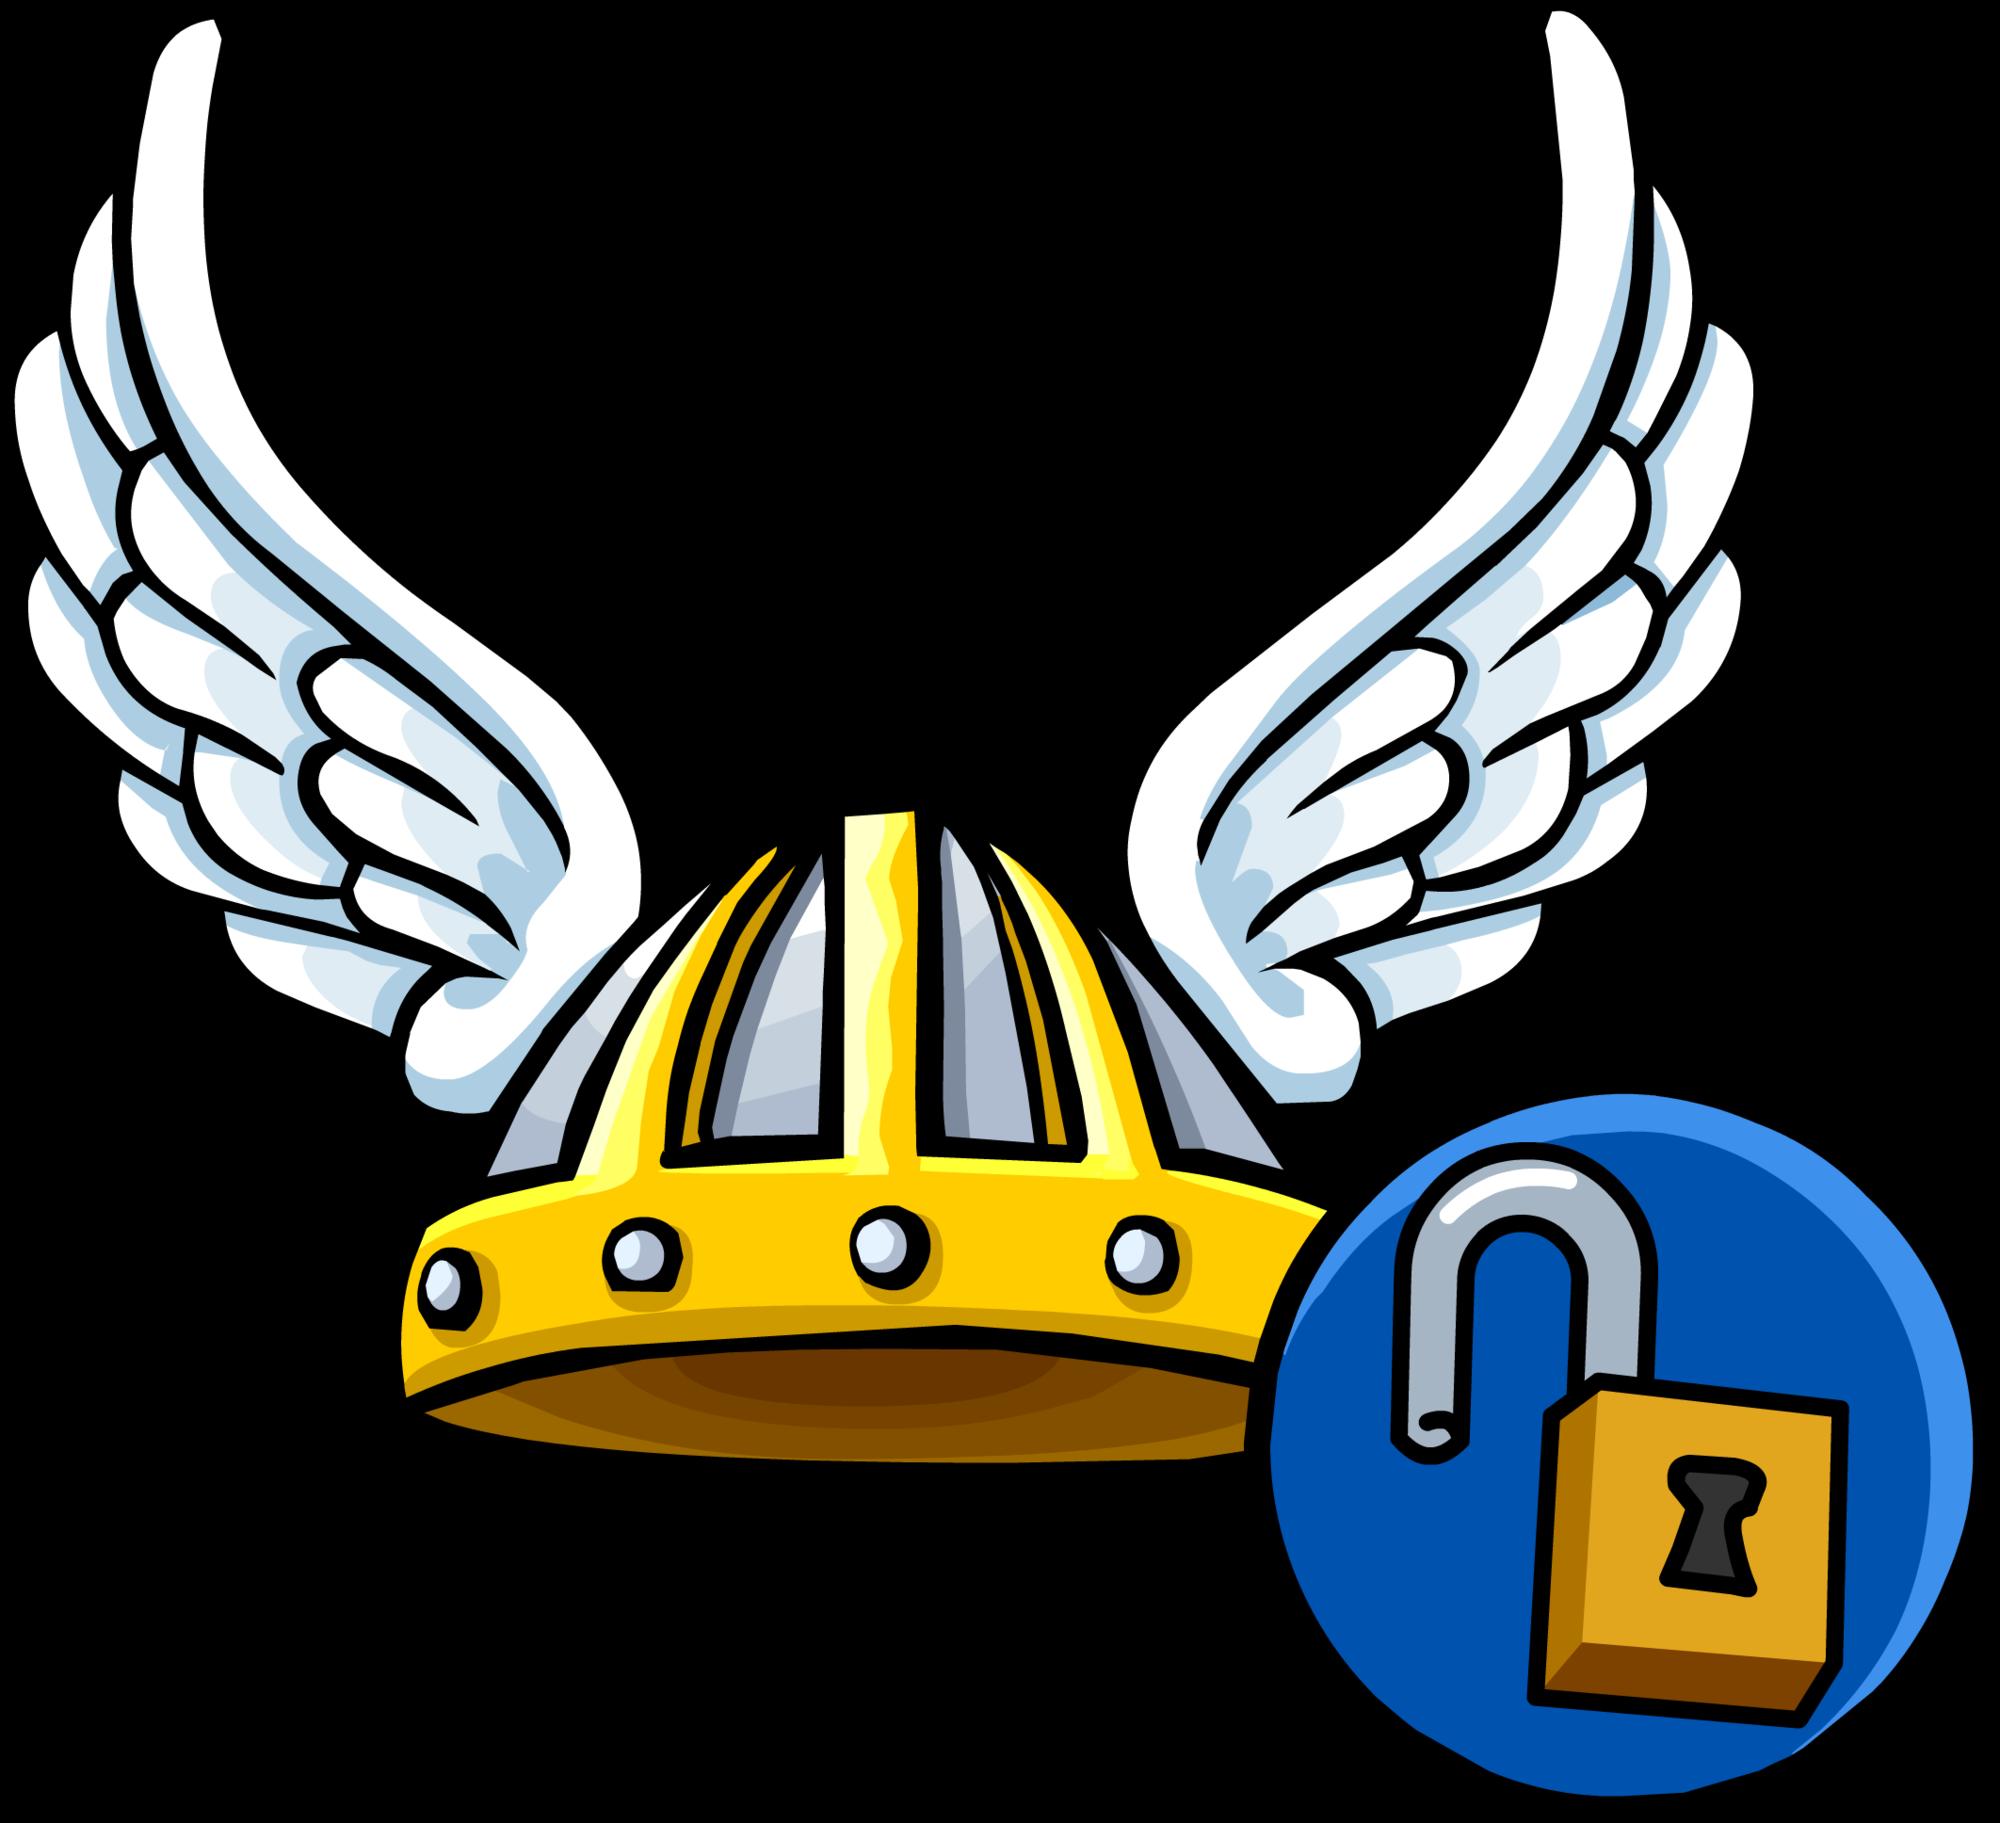 Winged viking helmet clipart png royalty free download Winged Viking Helmet   Club Penguin Online Wiki   FANDOM ... png royalty free download